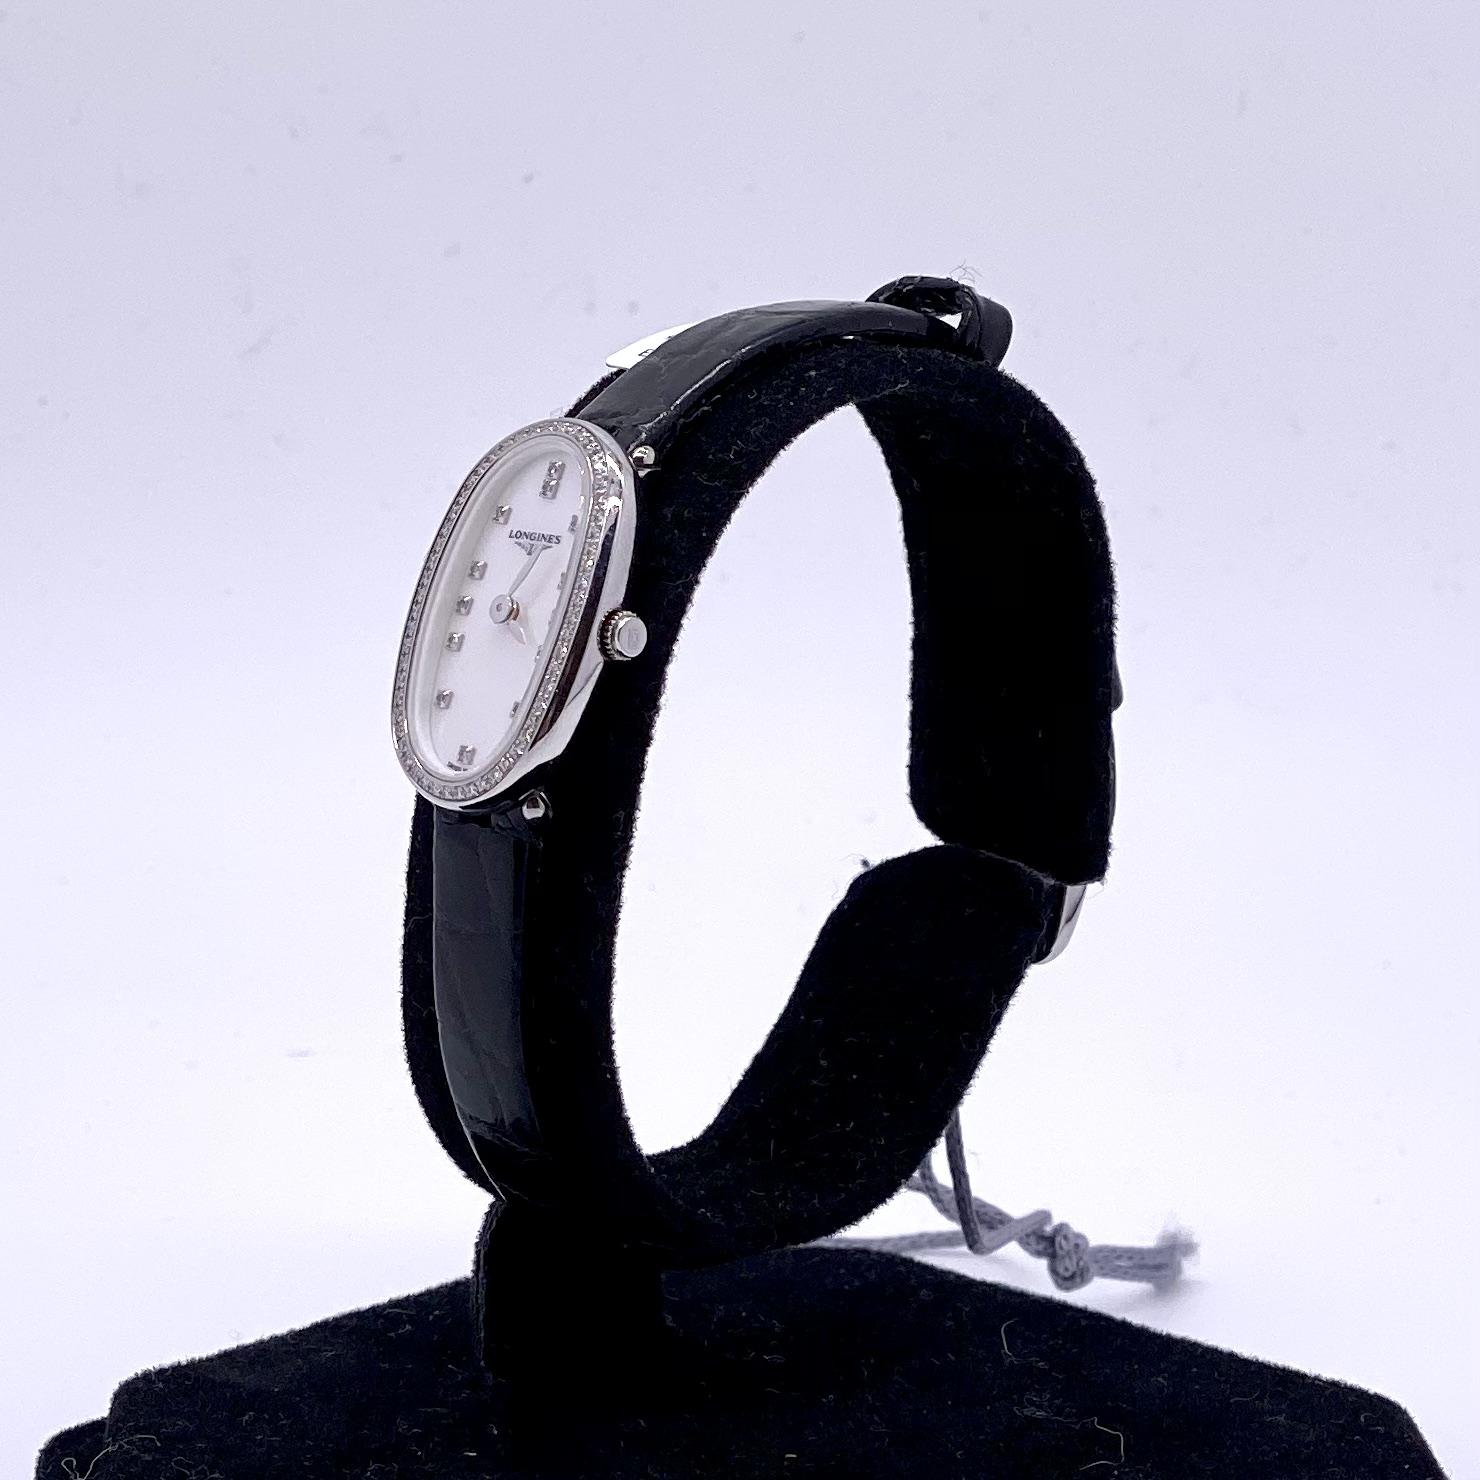 Longines Ladies Symphonette Watch ref L23040870 - Image 2 of 3